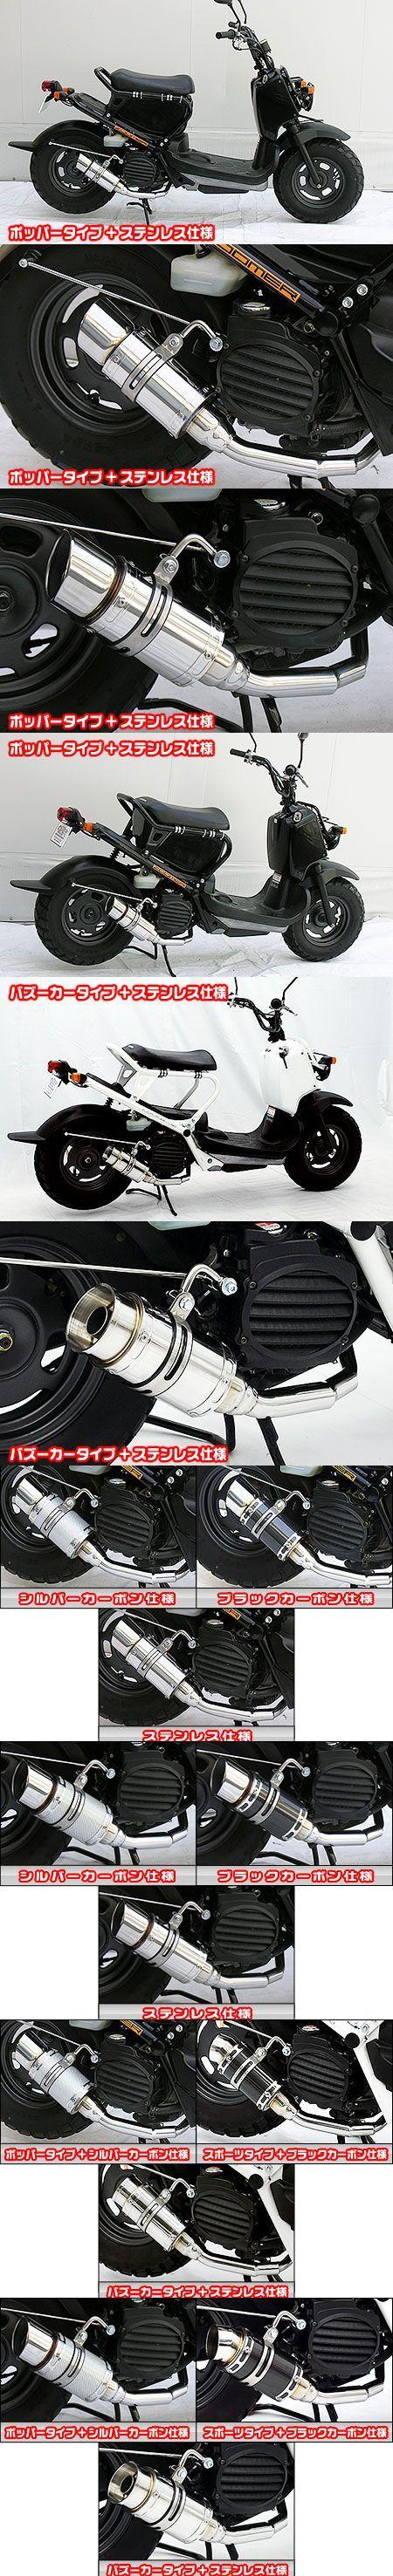 Tiger auto聯名款 Fat Bomber全段排氣管 火箭筒型 不鏽鋼款式